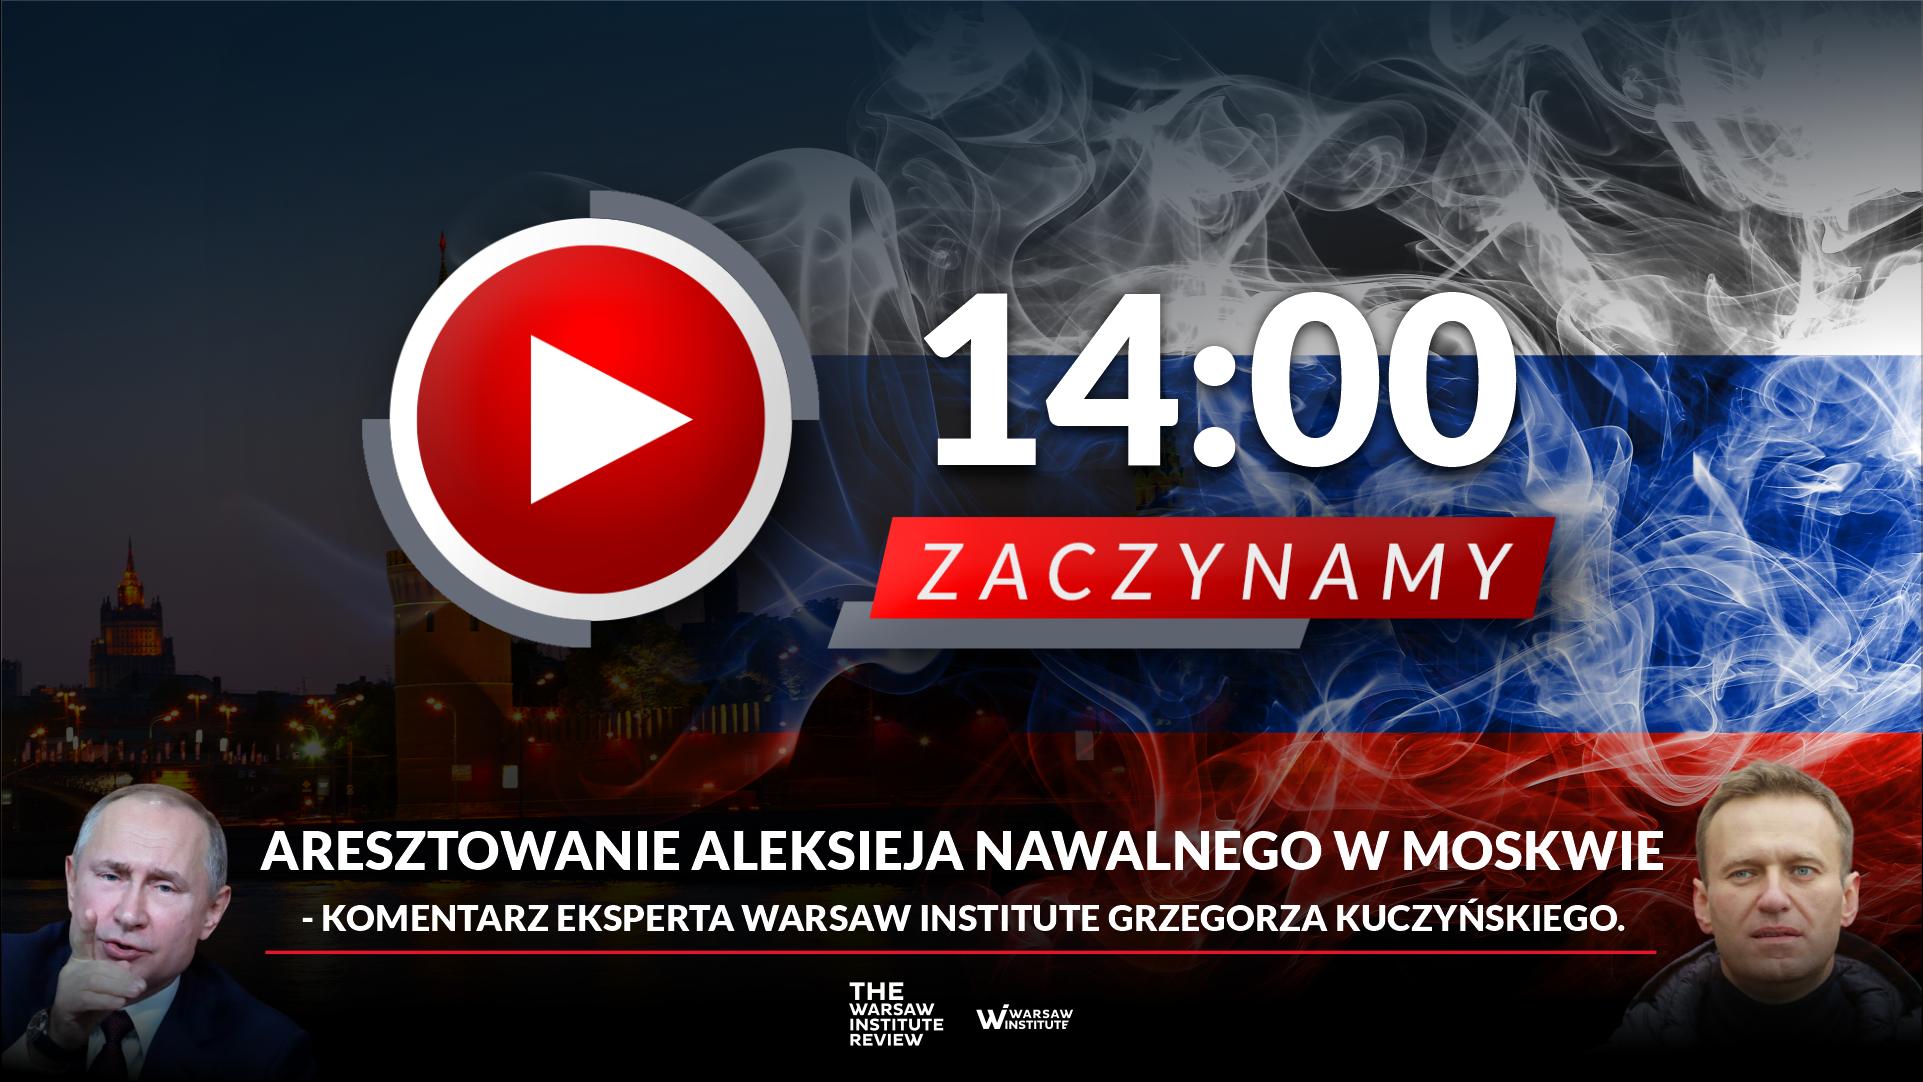 Aresztowanie Nawalnego – komentarz Grzegorza Kuczyńskiego na żywo